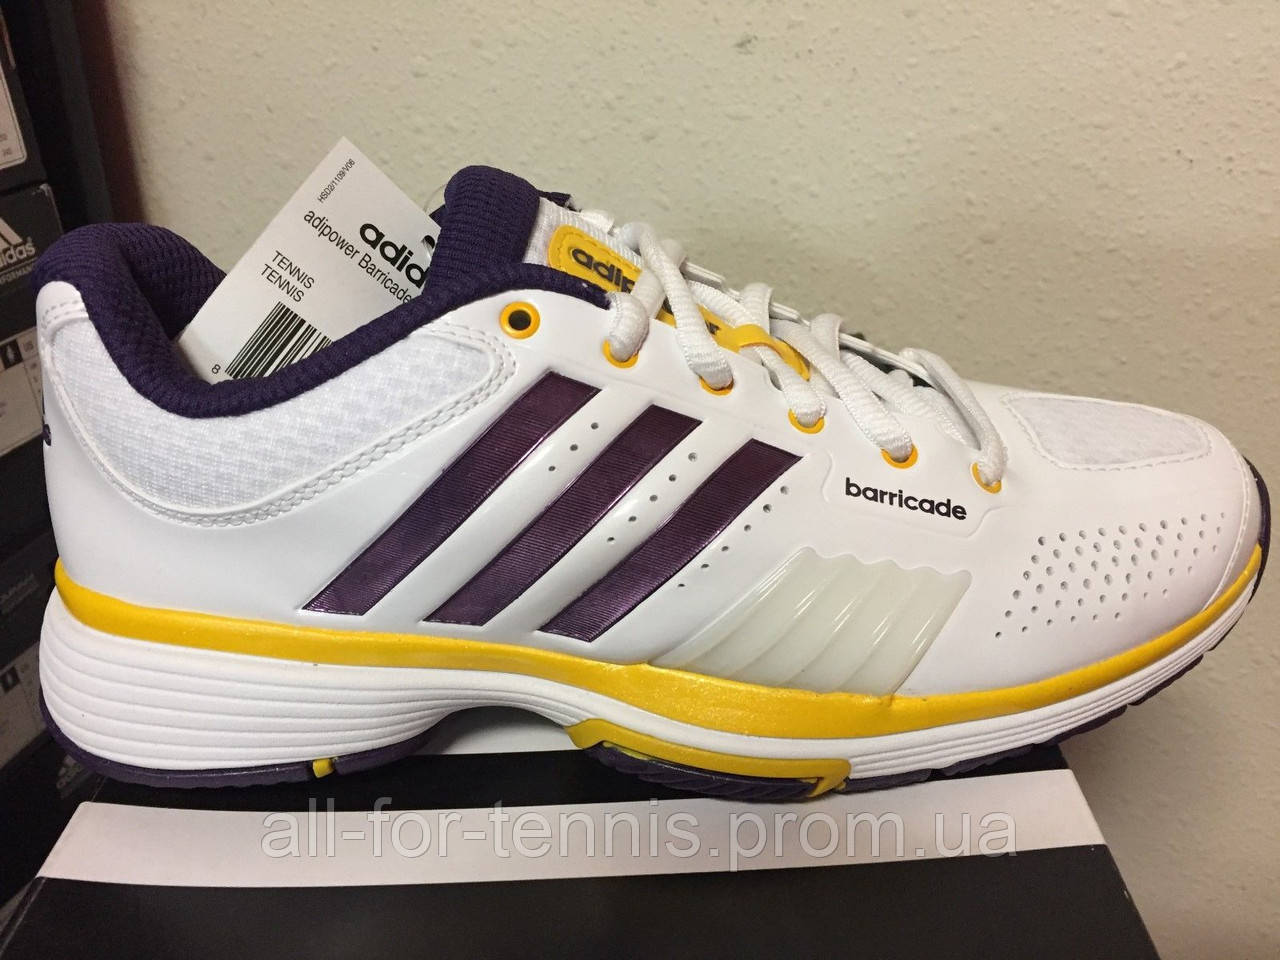 bfca1e37 Кроссовки для тенниса Adidas Womens Adipower Barricade V22331, купить  Украина, цена 3 003 грн., купить в Виннице — Prom.ua (ID#383276715)